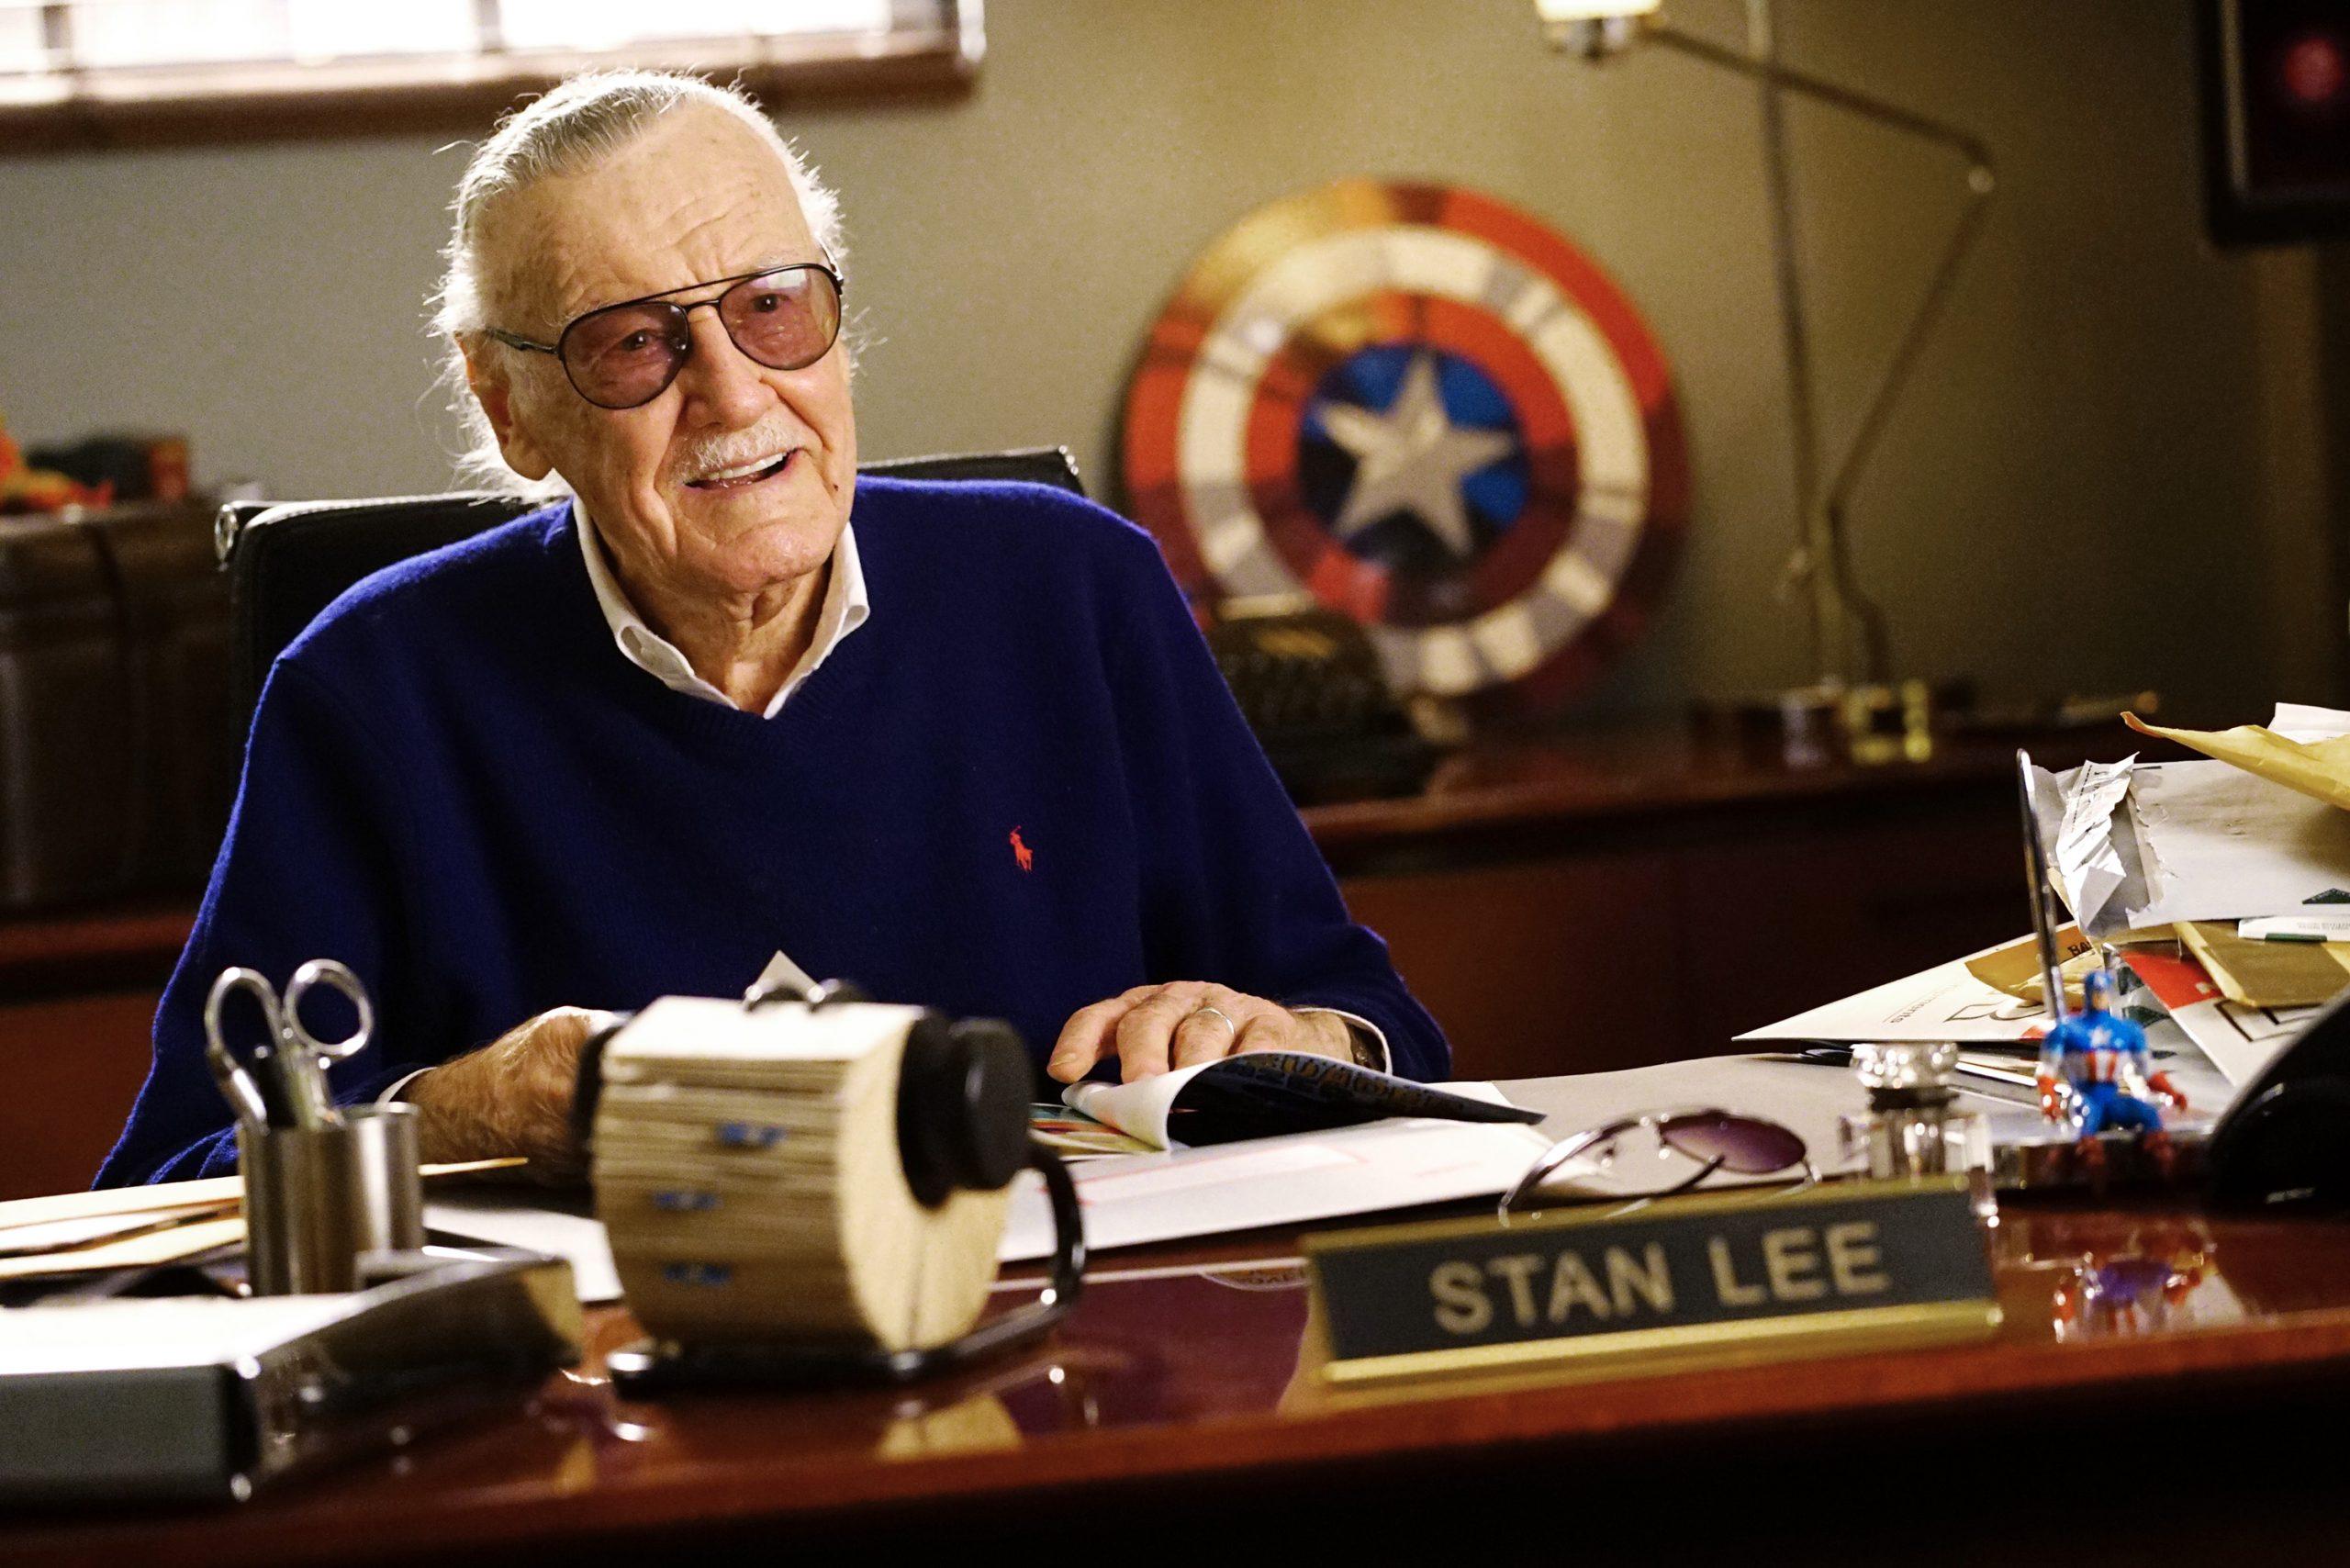 BREAKING: Beloved comic creator Stan Lee dead at 95